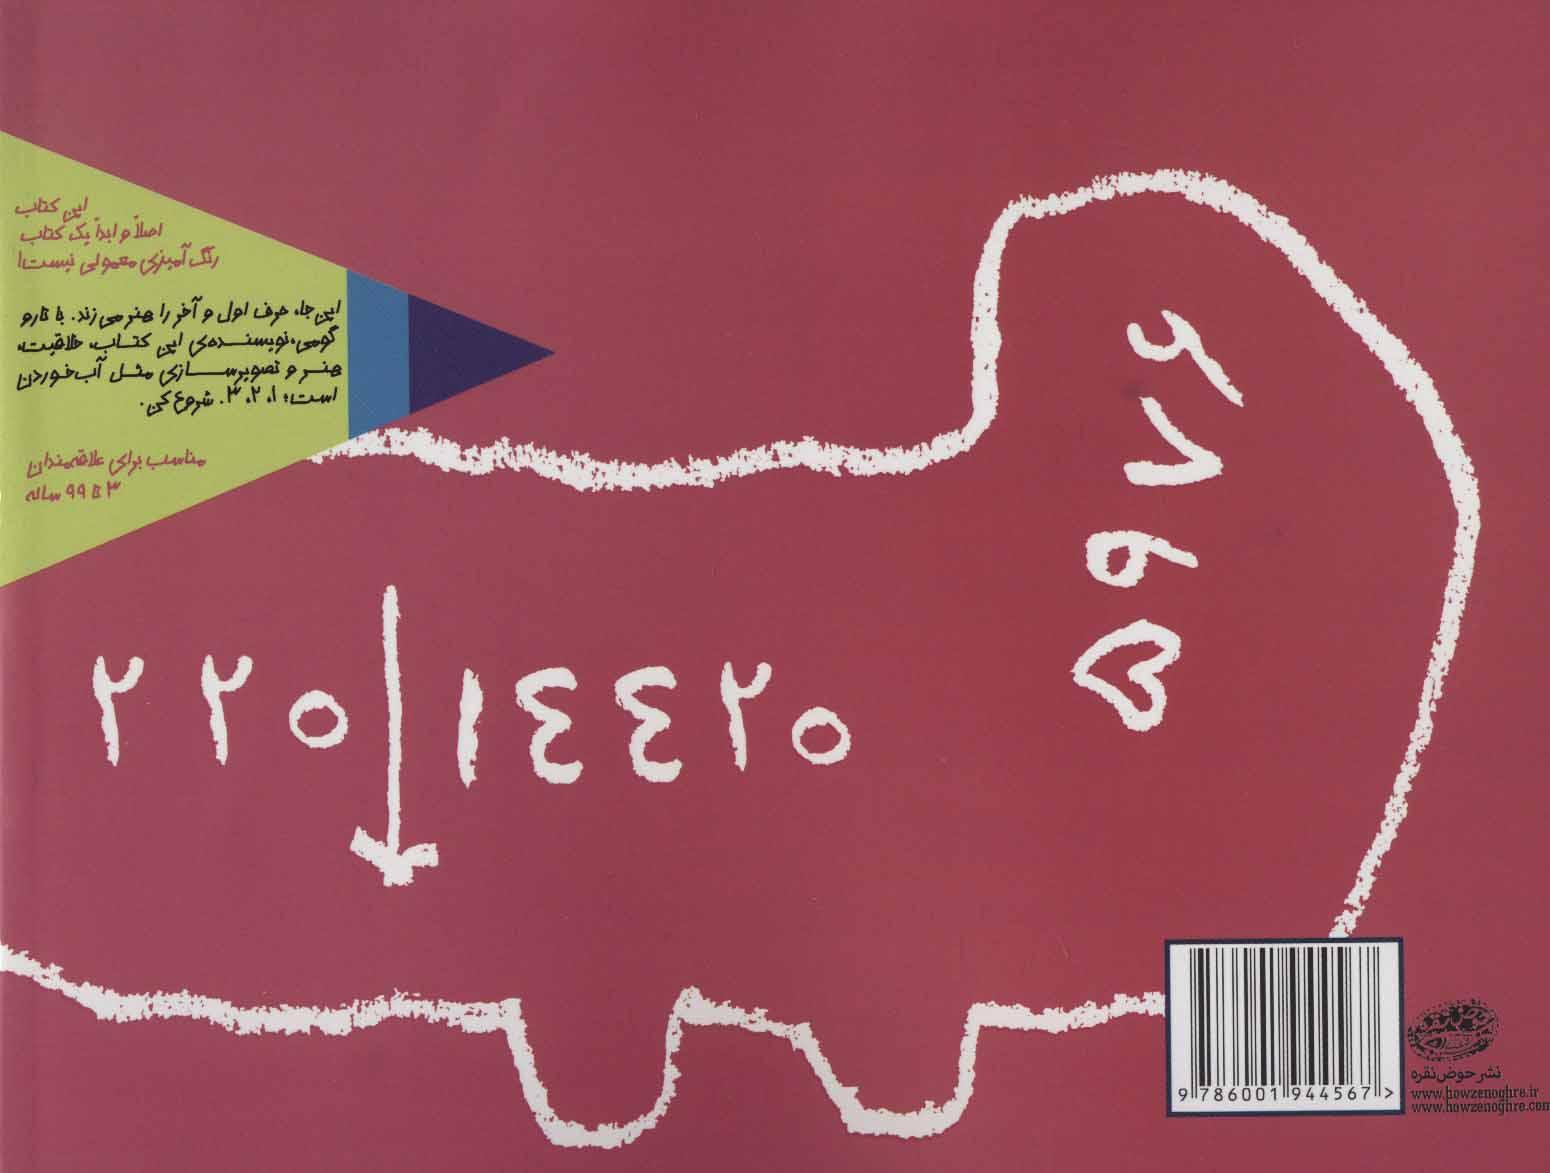 یک کتاب نقاشی و طراحی خیلی خیلی بزرگ 2 (رنگ آمیزی و آموزش اعداد)